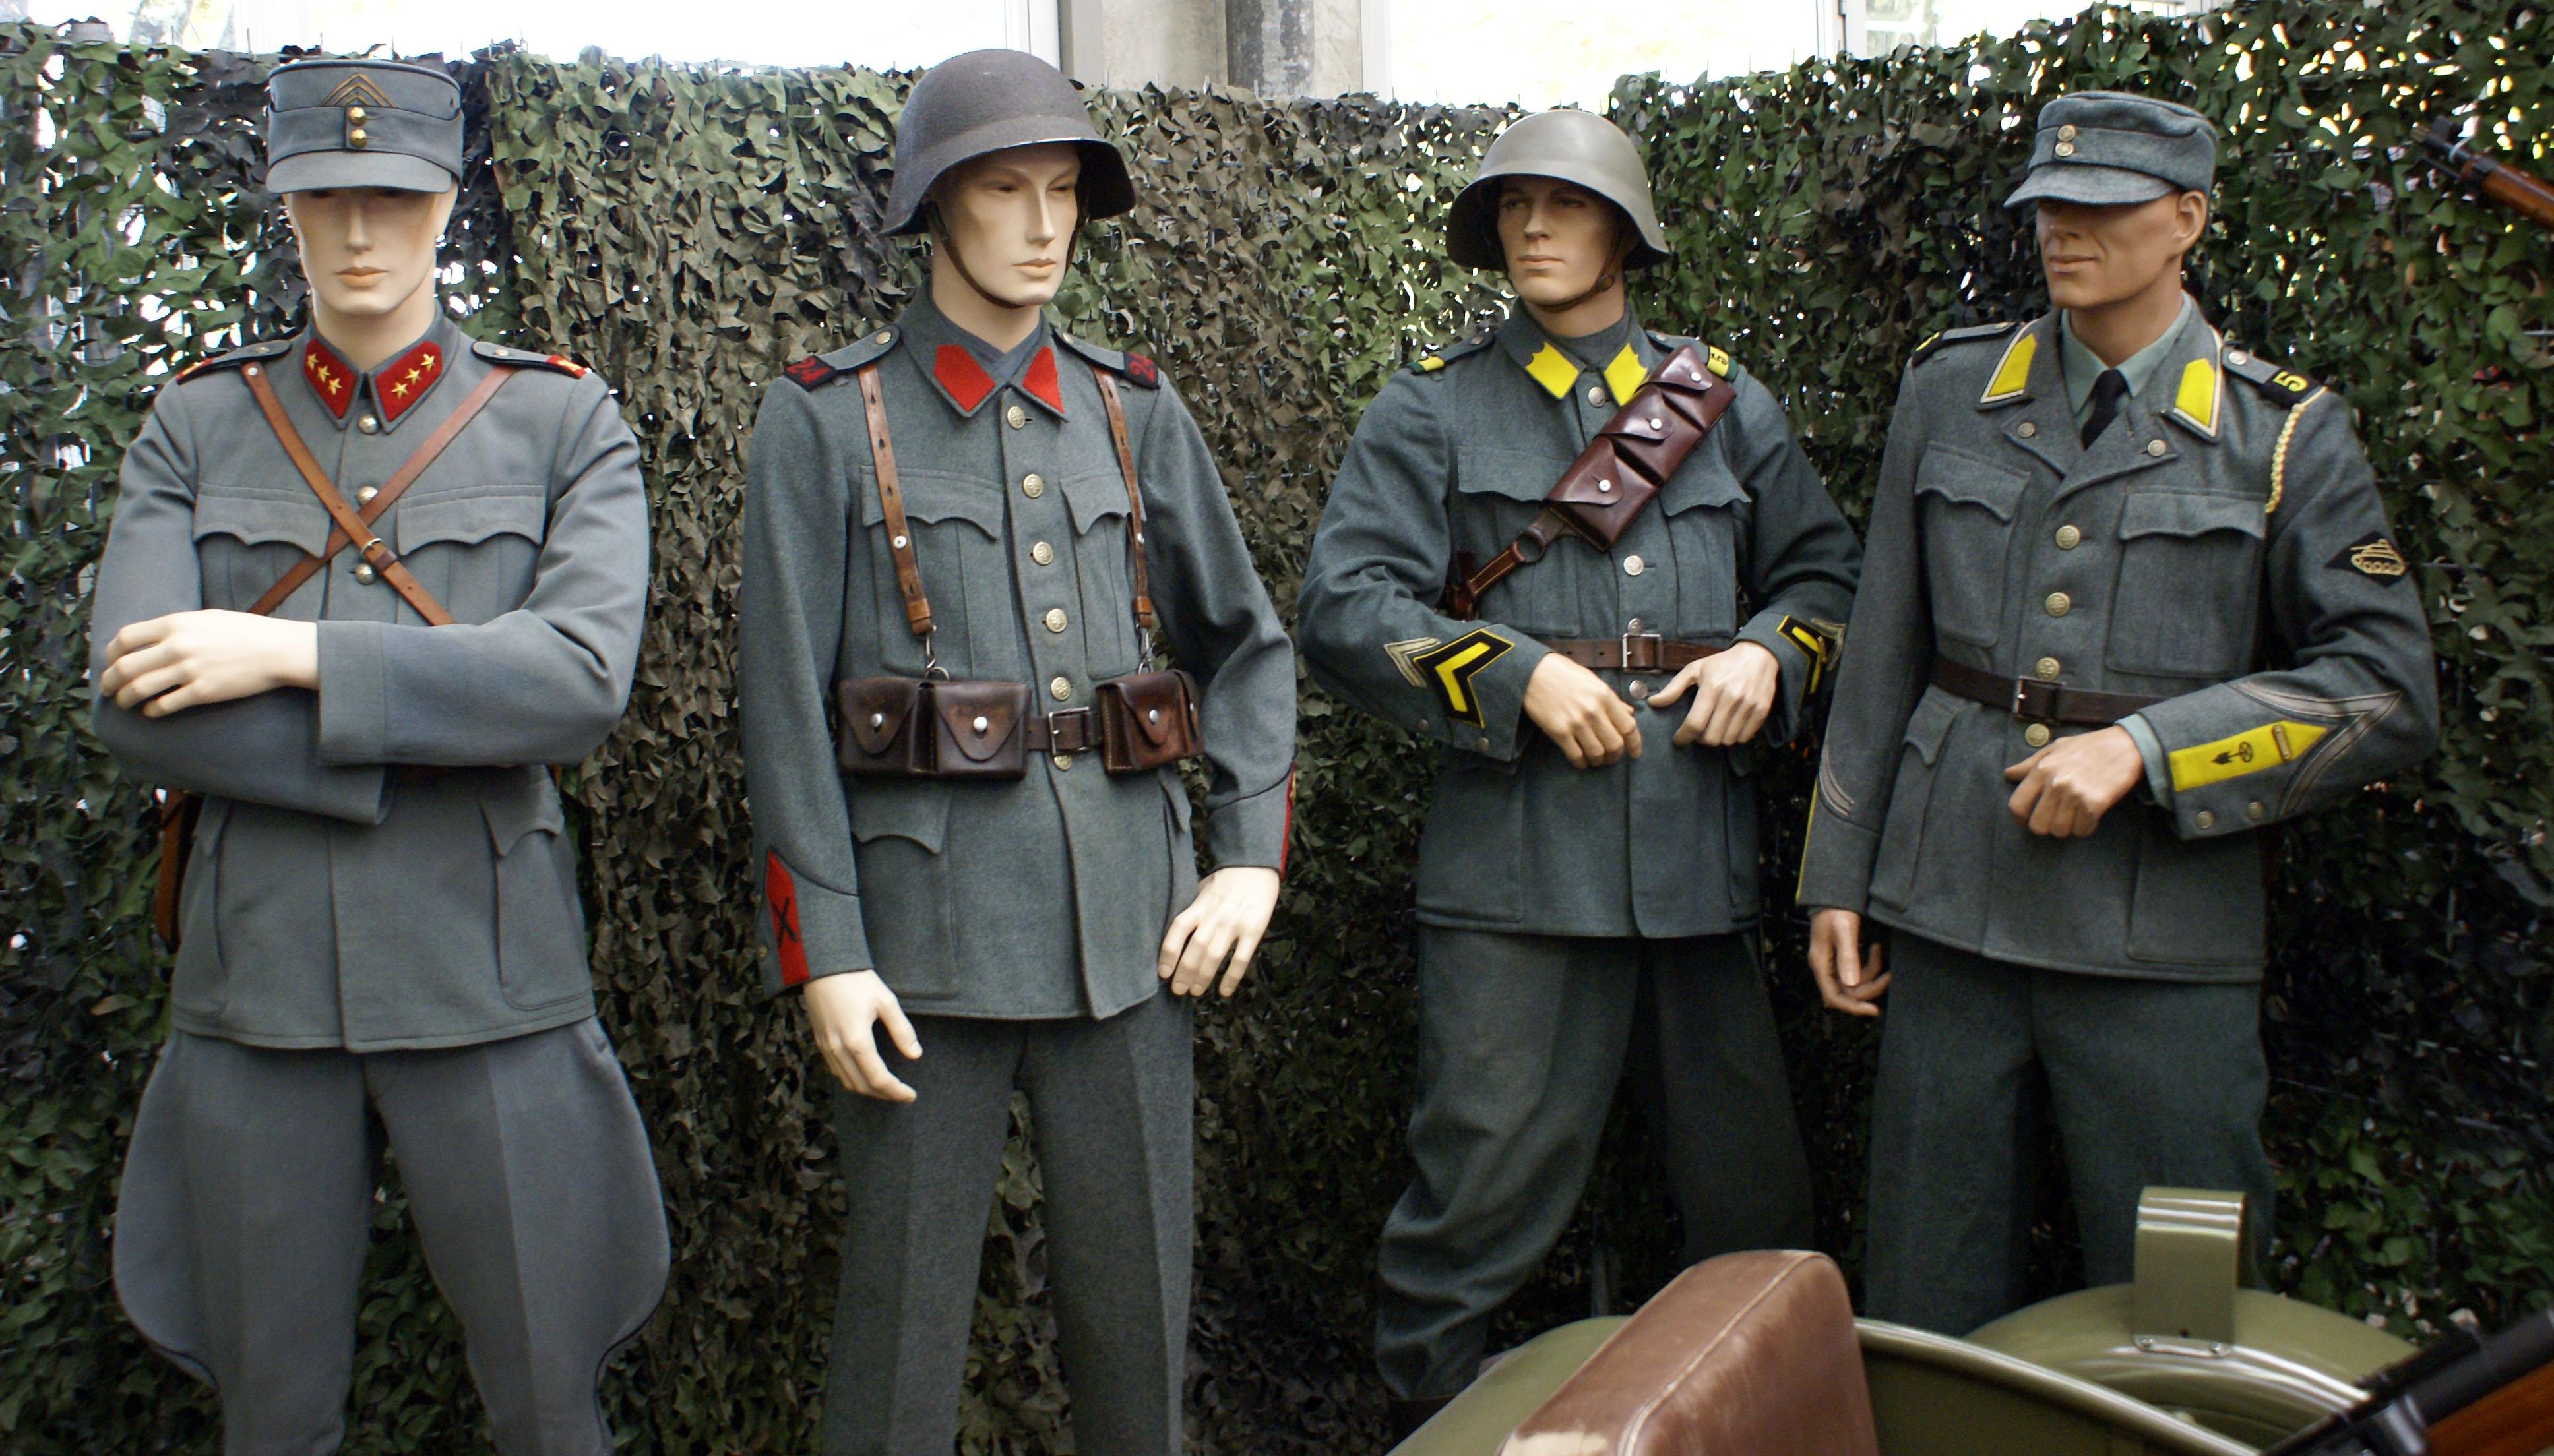 Uniformes de la seconde guerre mondiale